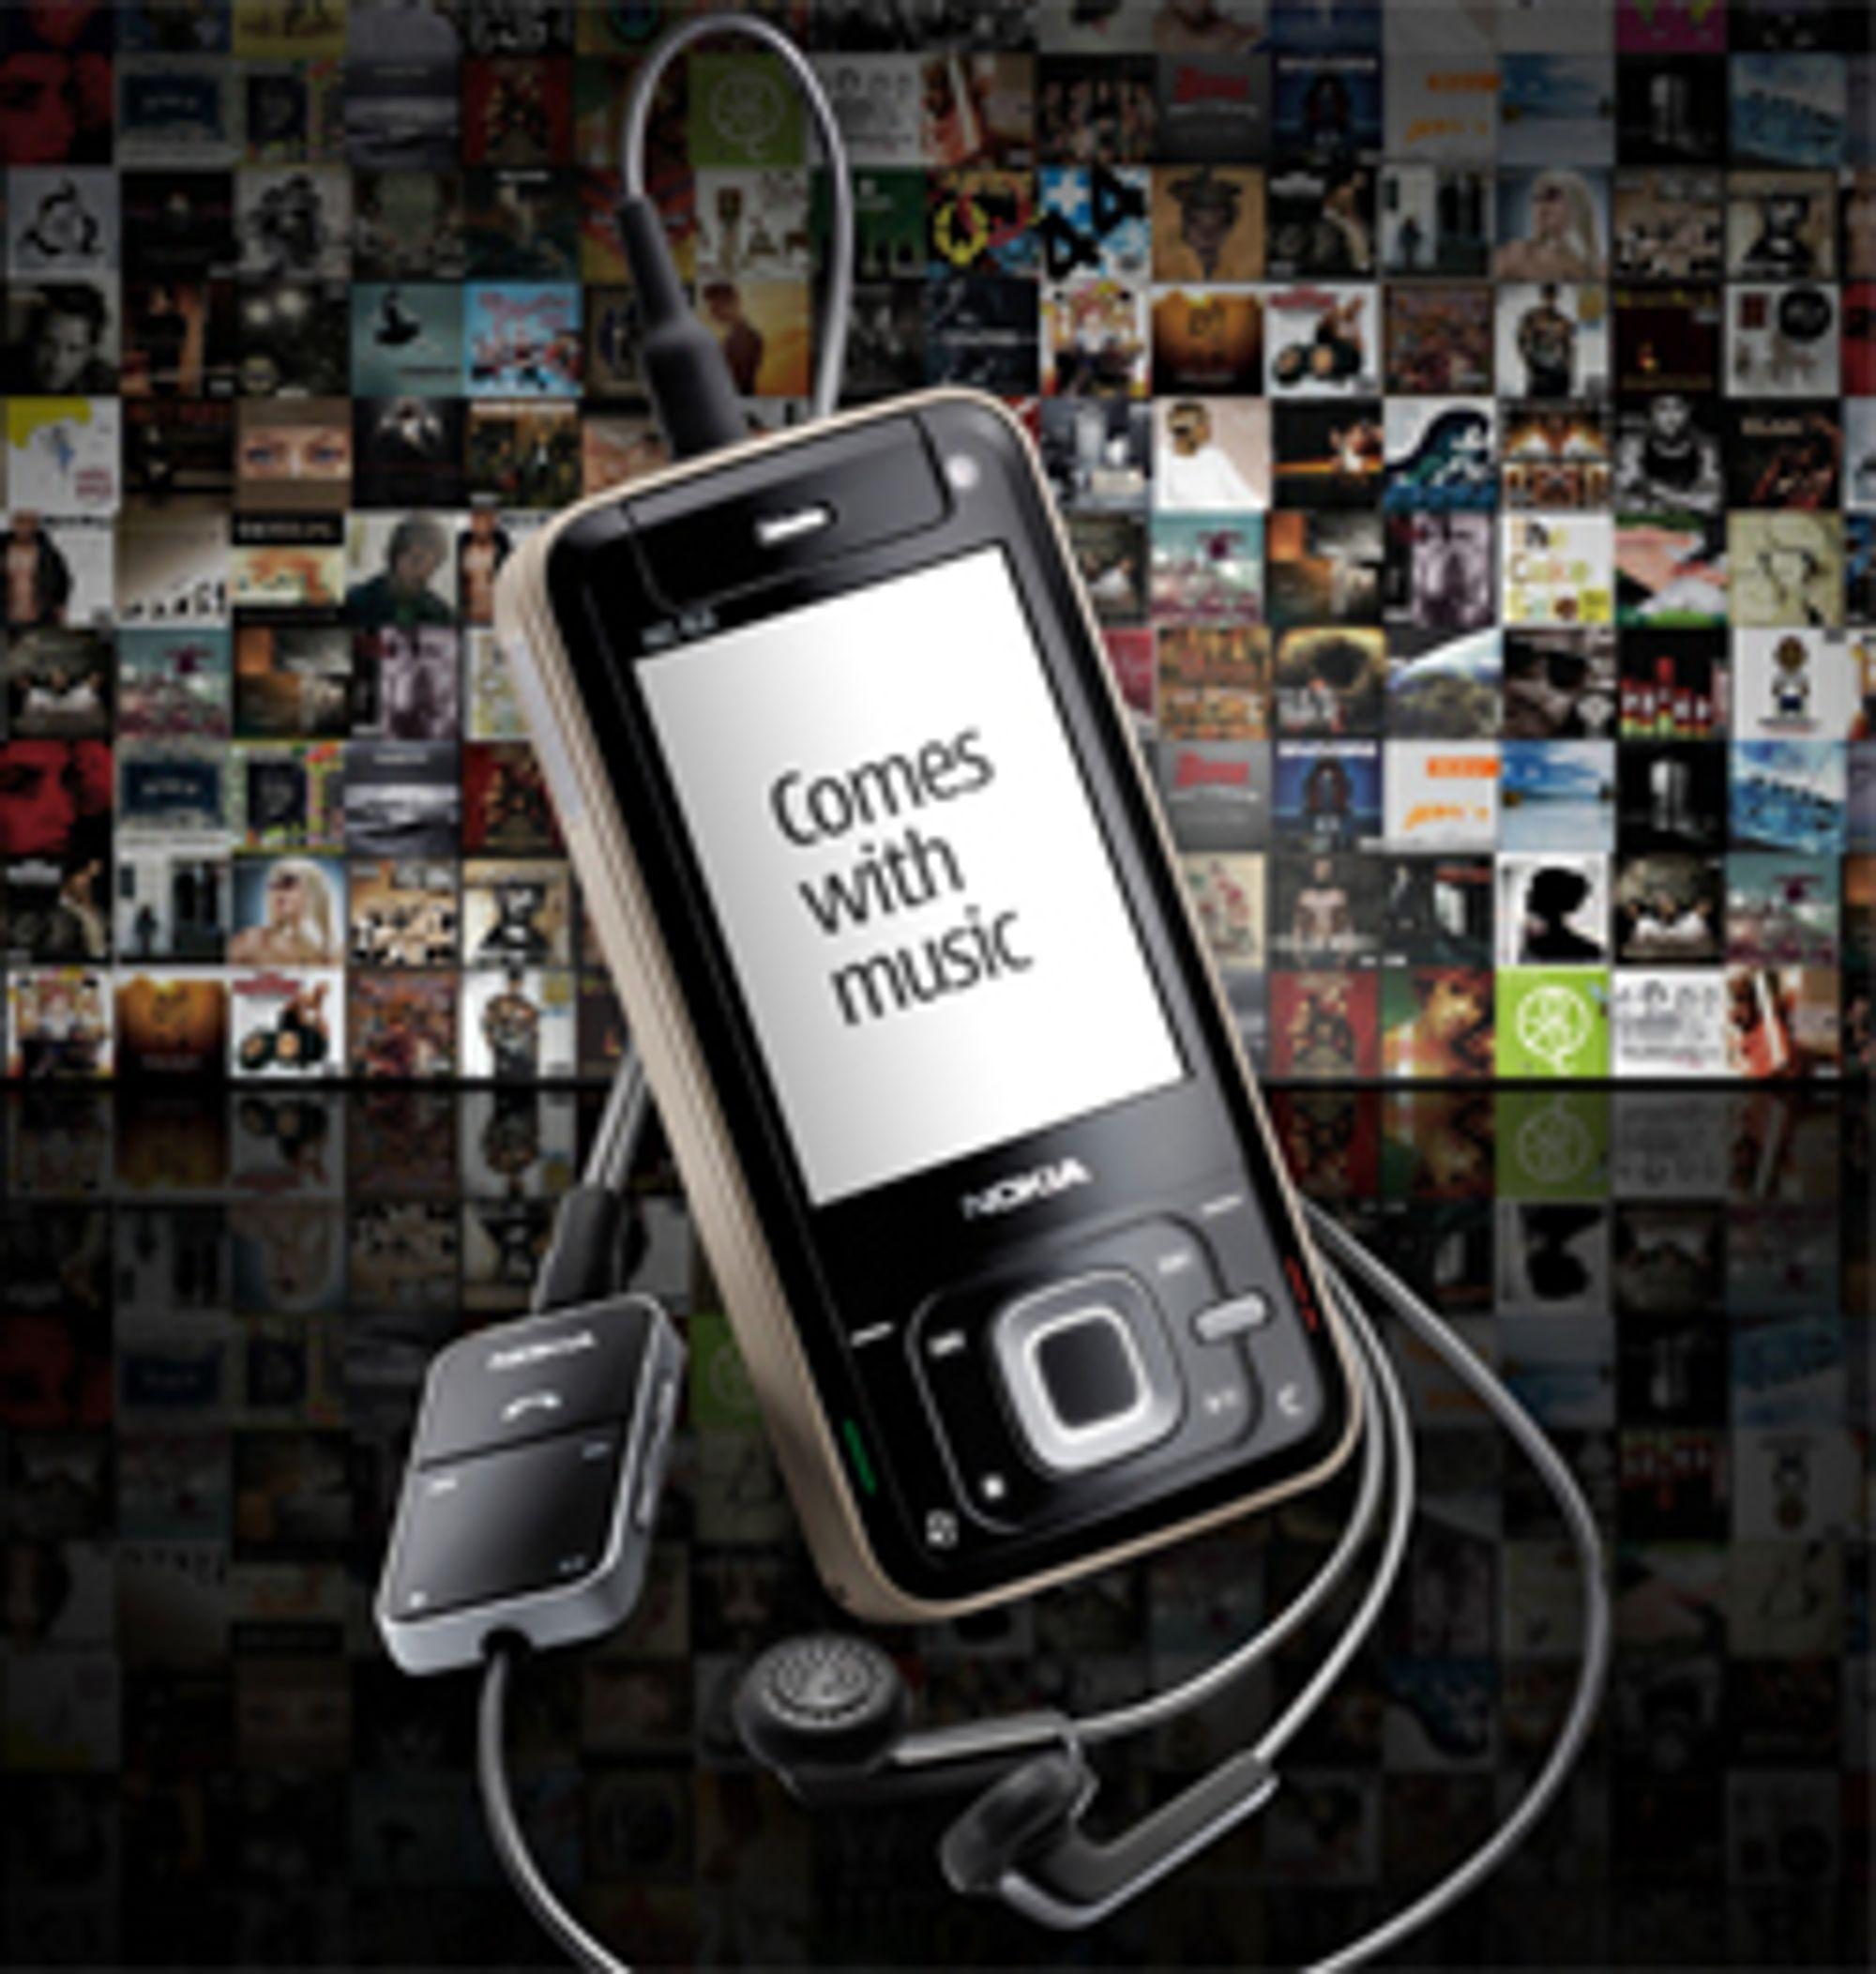 Neste år er det bare å forsyne seg med musikk til en fast pris.